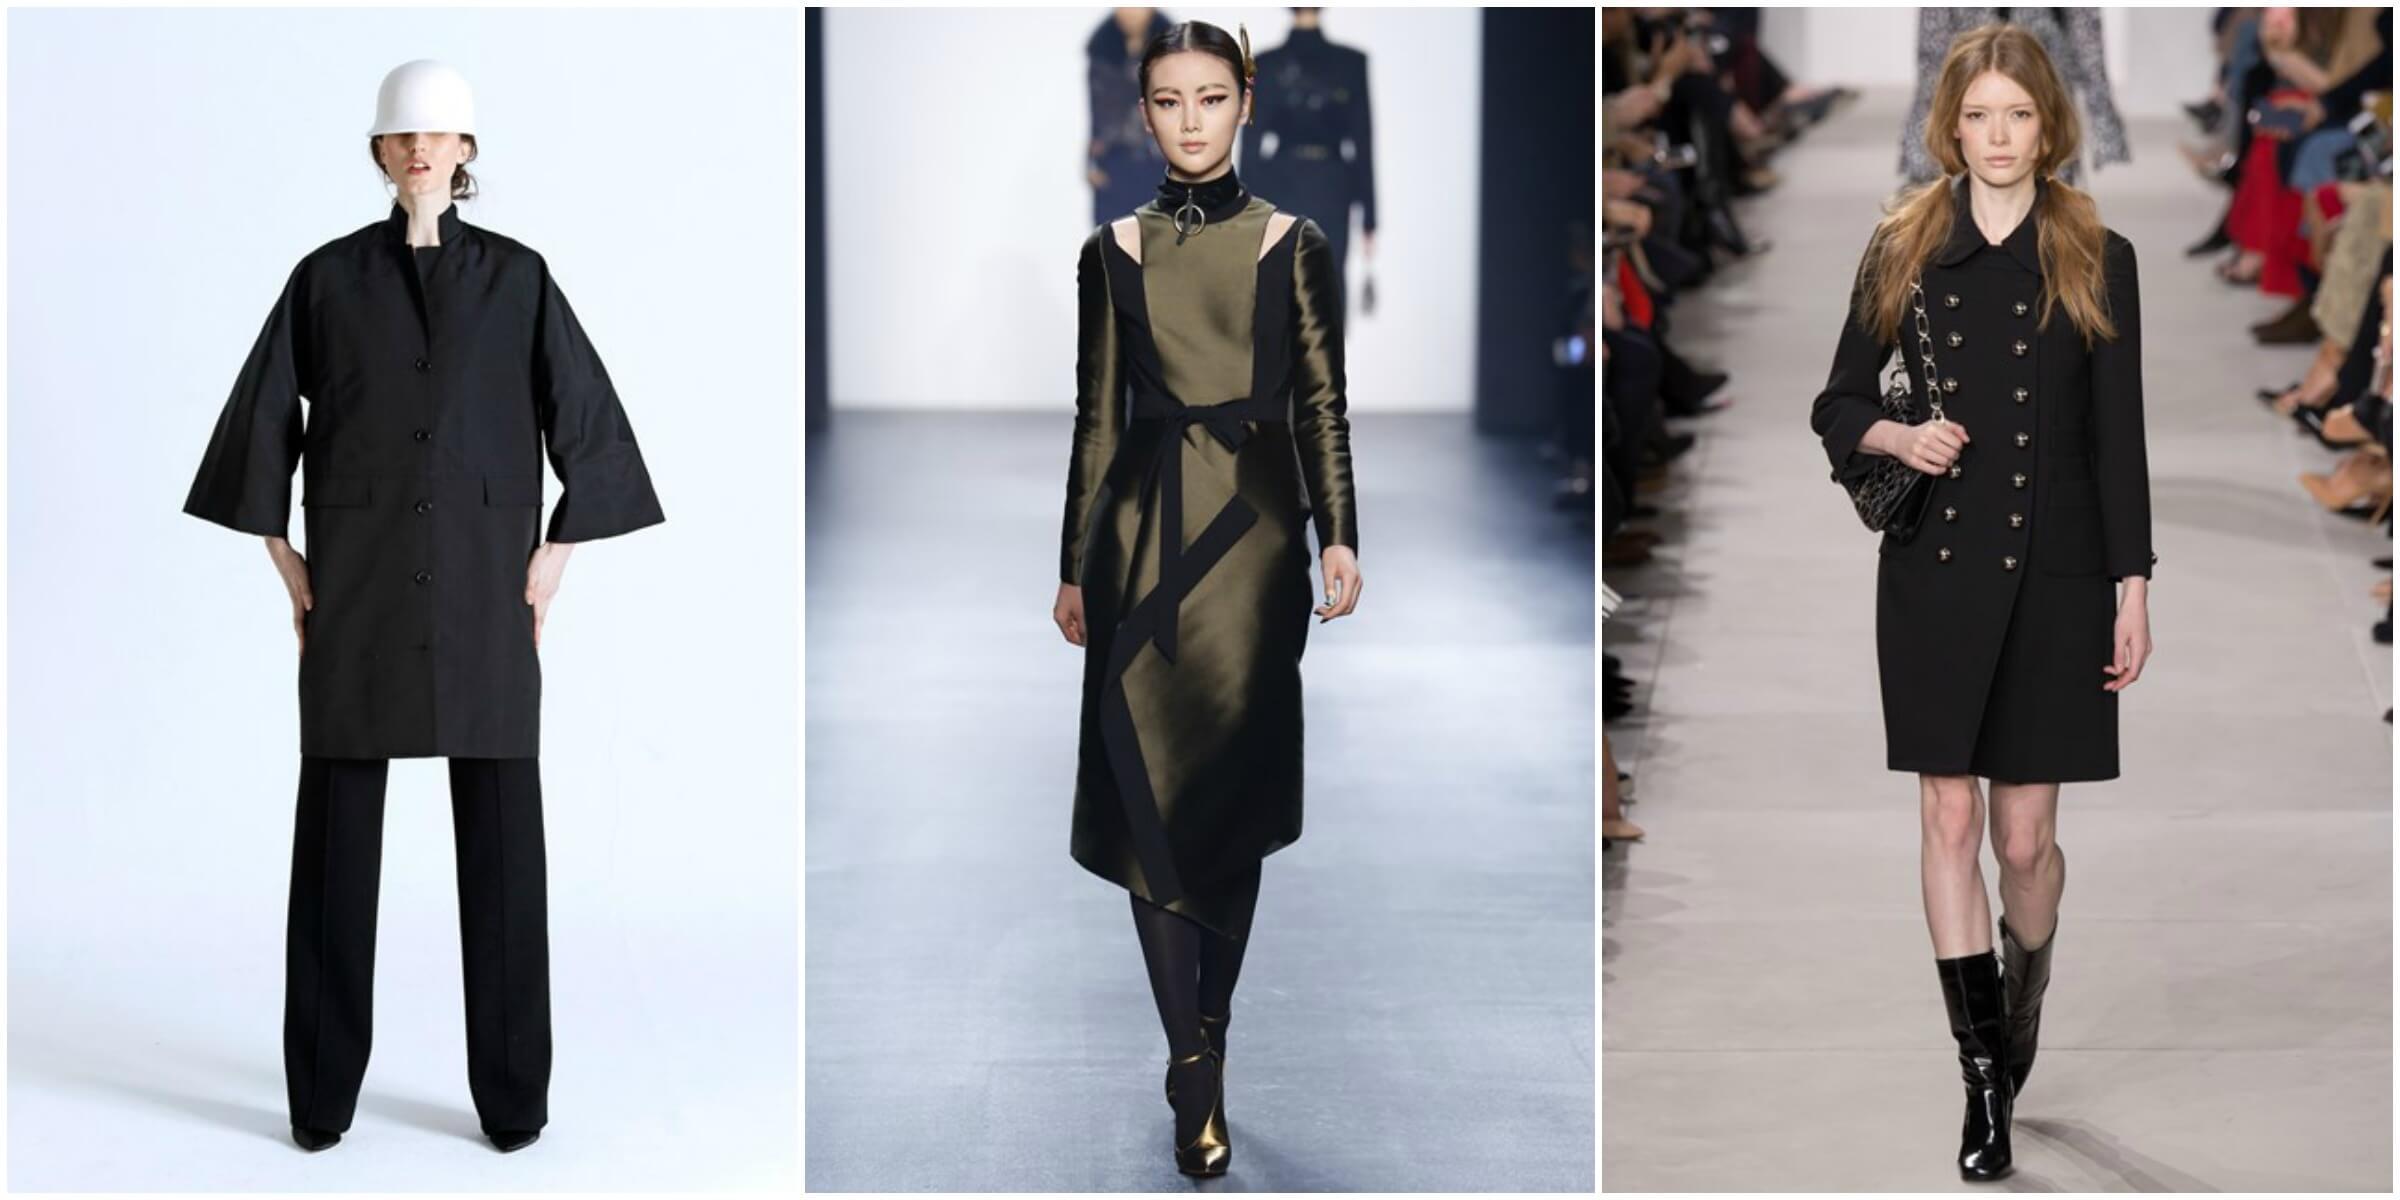 RR331 FW16 via Vogue; Bibhu Mohapatra FW16 via Vogue; Michael Kors FW16 via Vogue